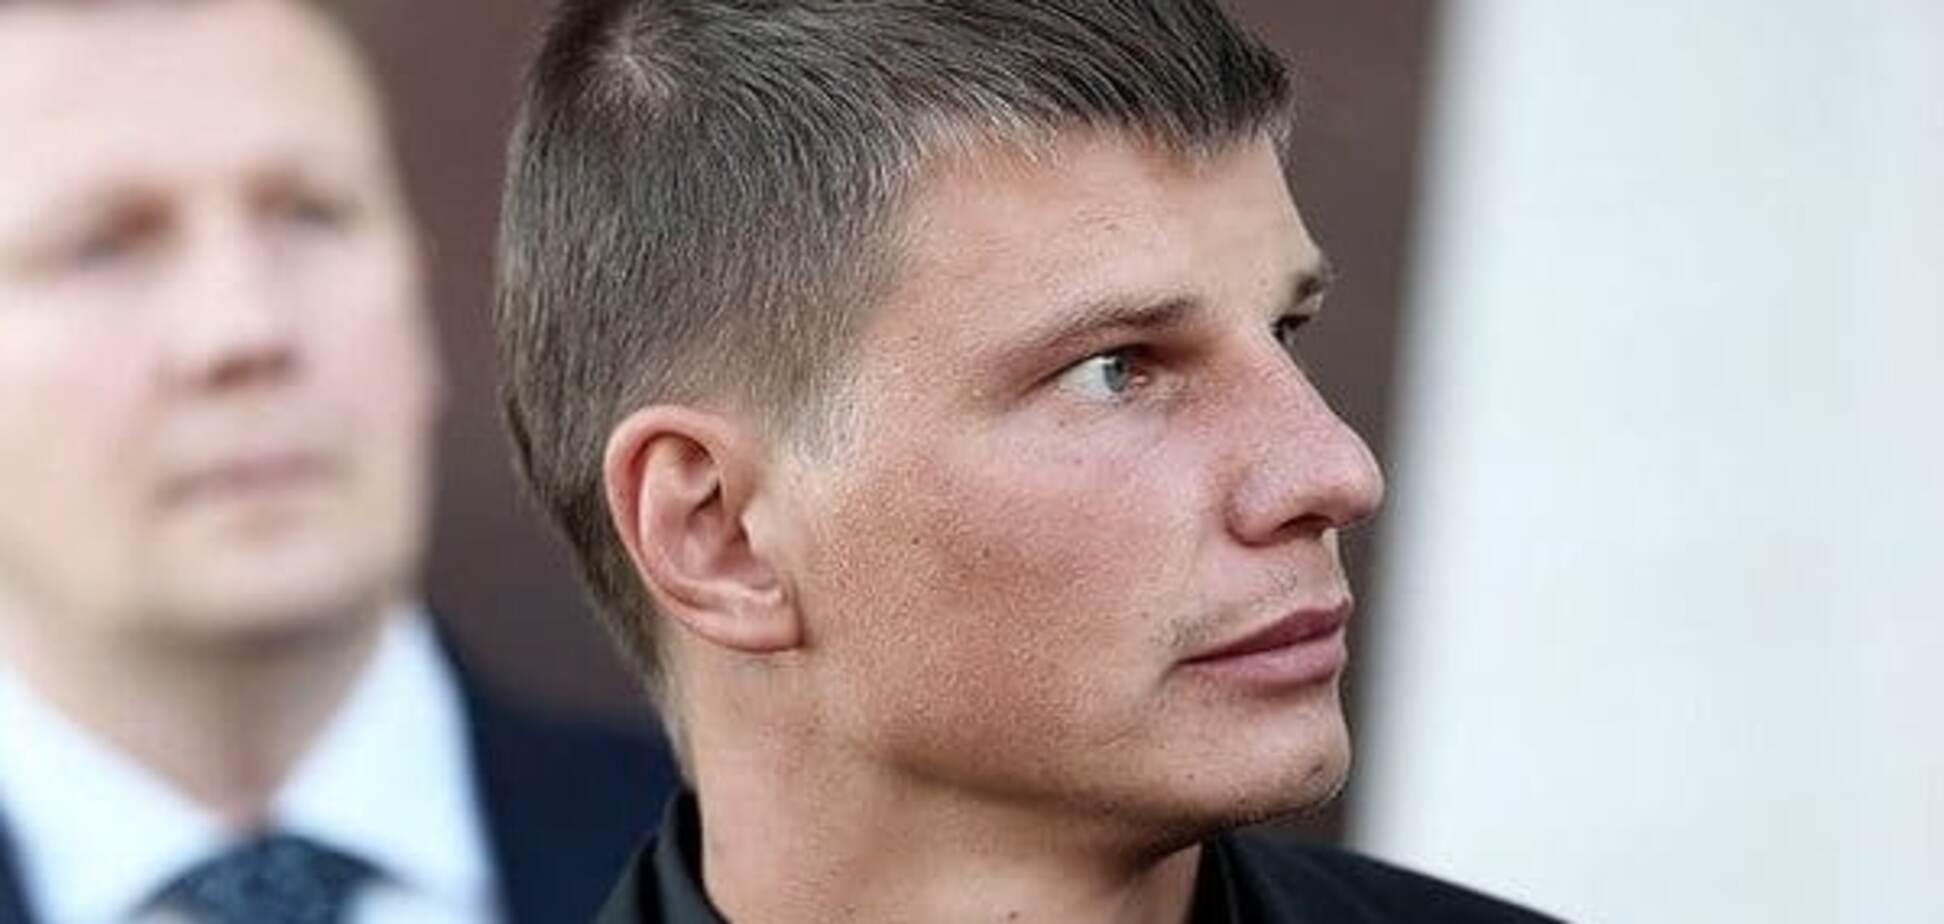 Відомий російський футболіст став жертвою 'привортного зілля'